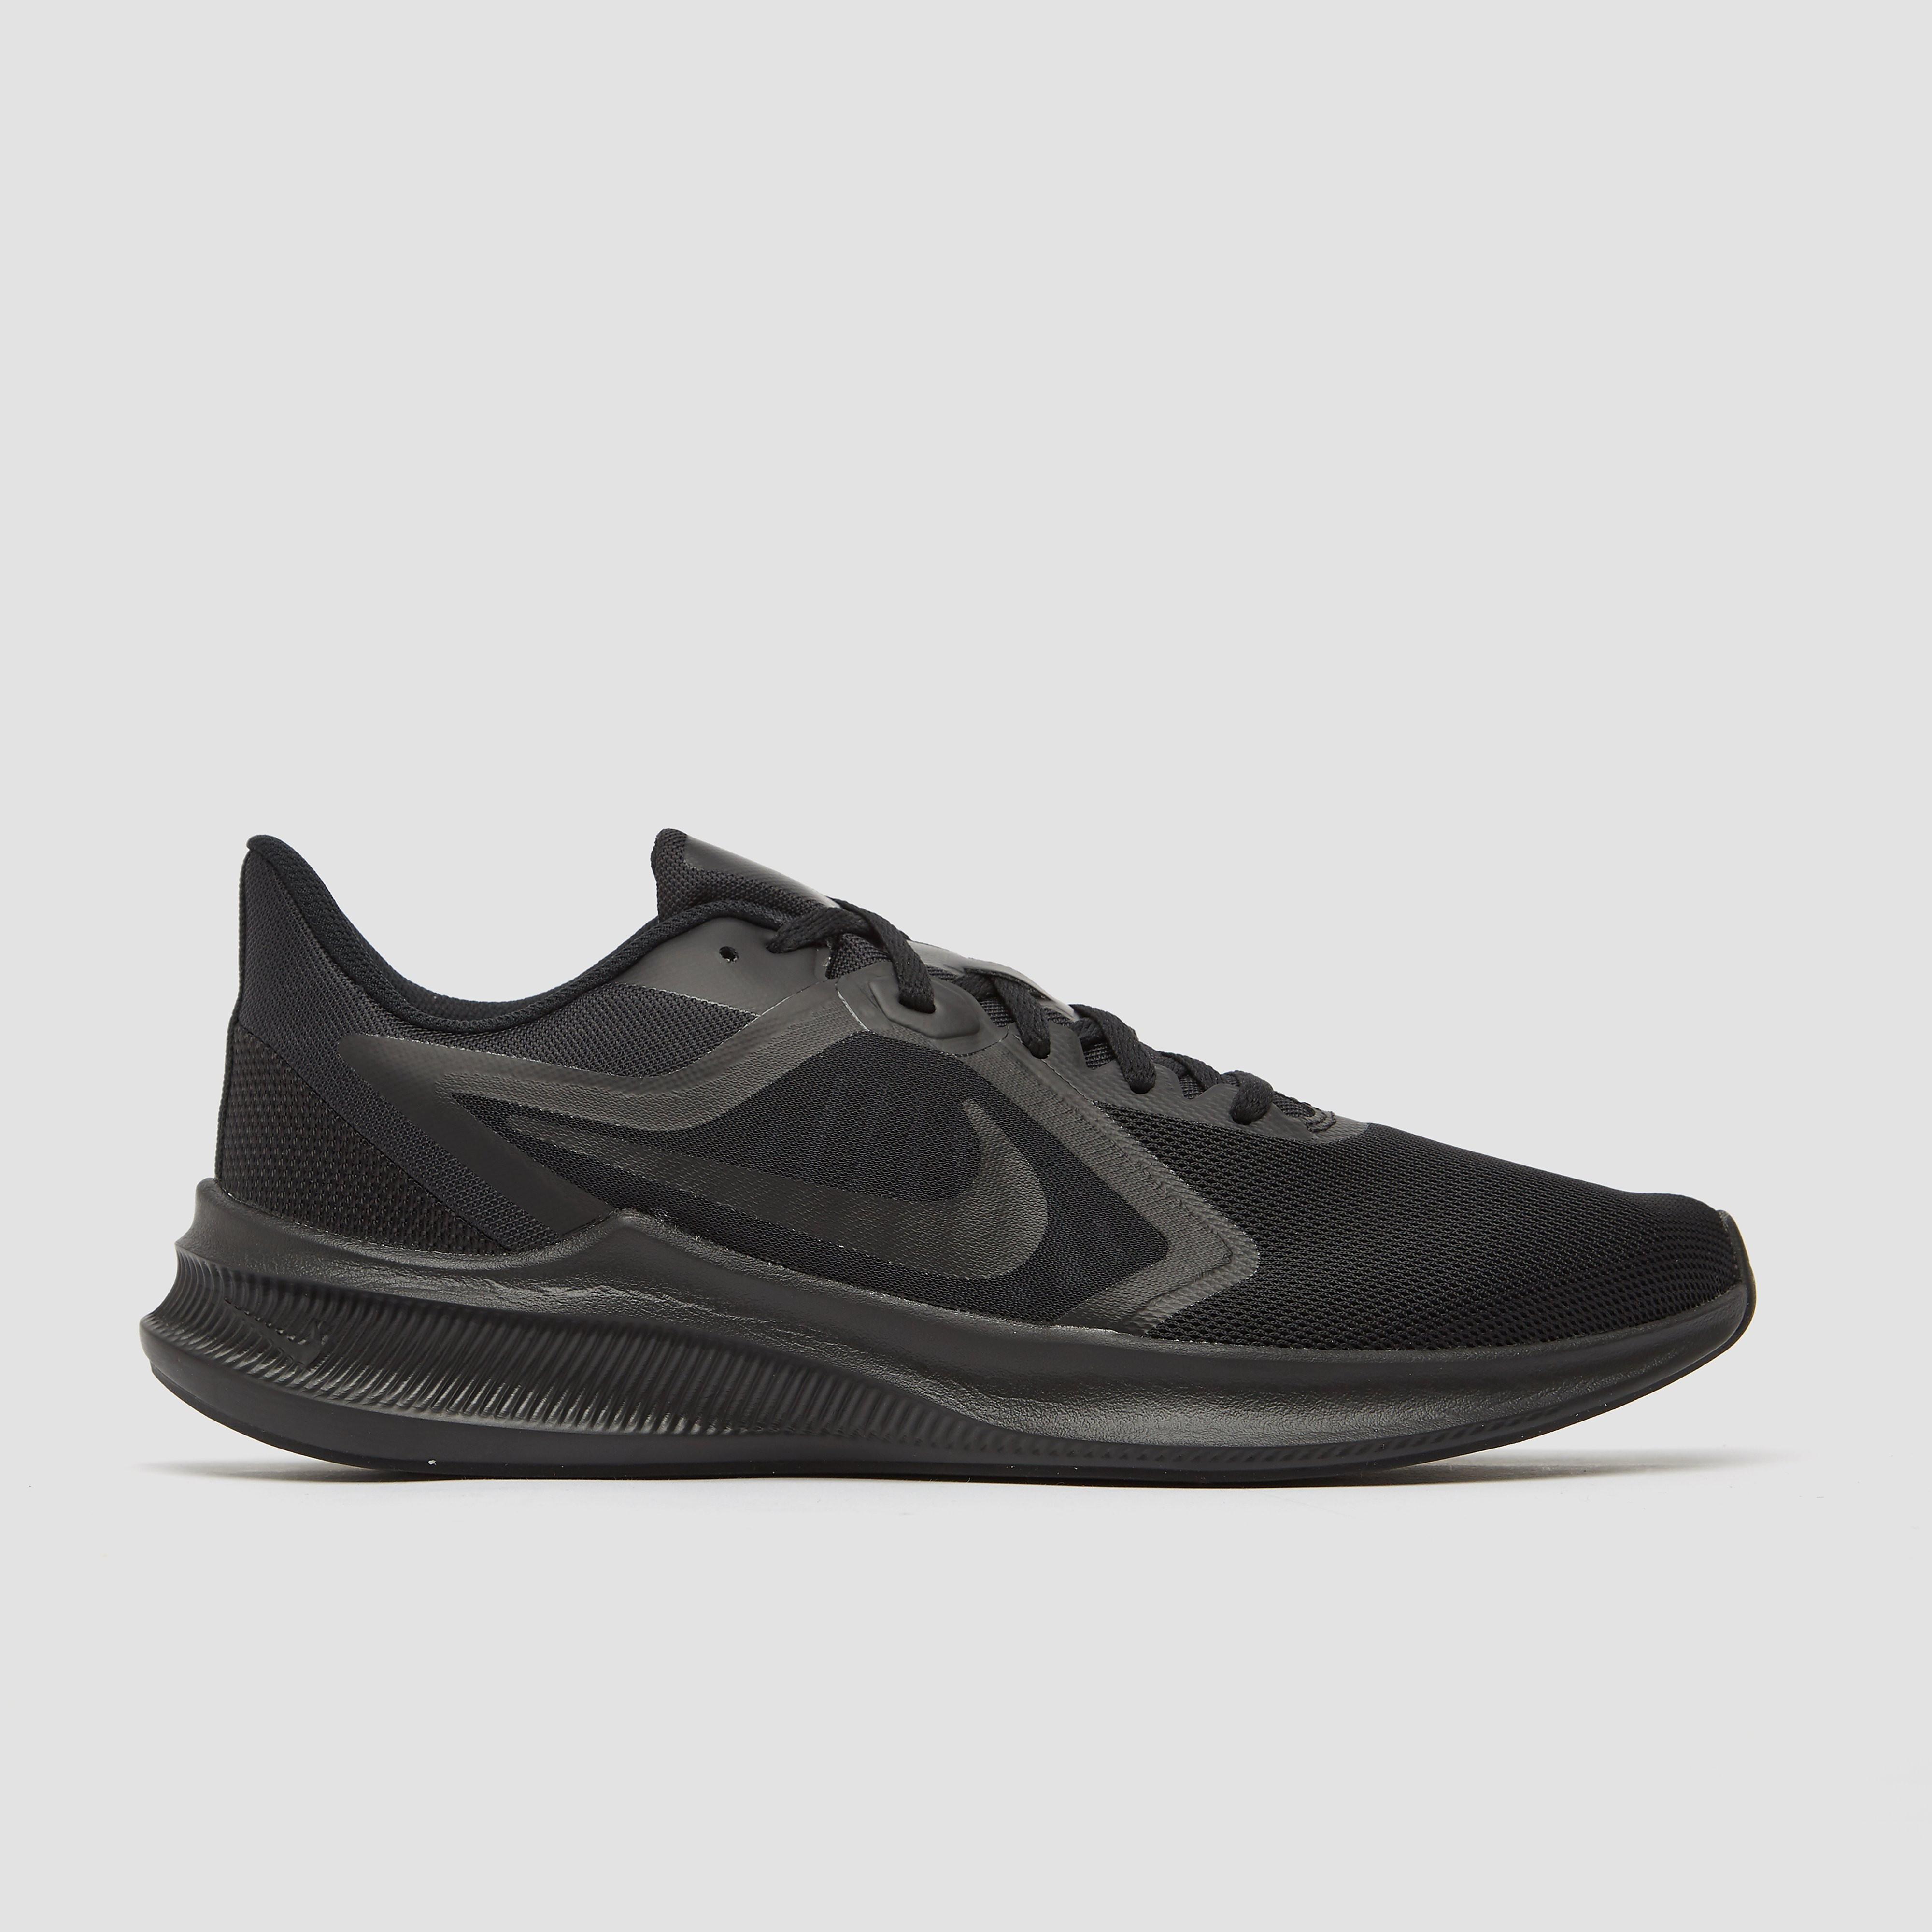 Nike Downshifter 10 hardloopschoenen zwart/antraciet online kopen